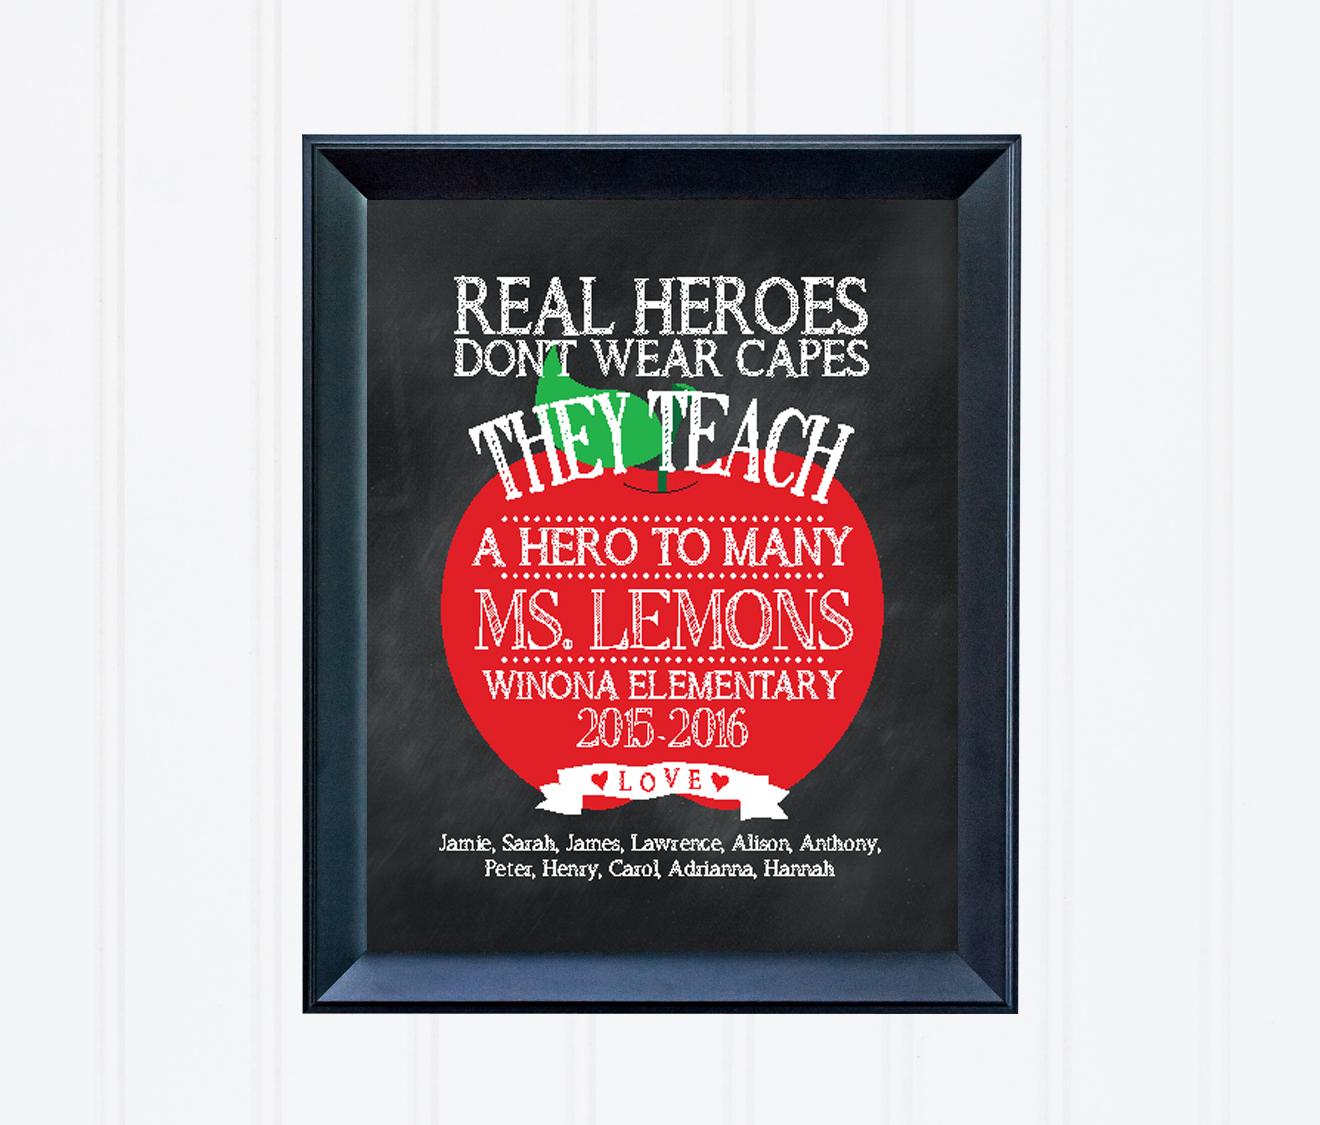 Real heroes 4